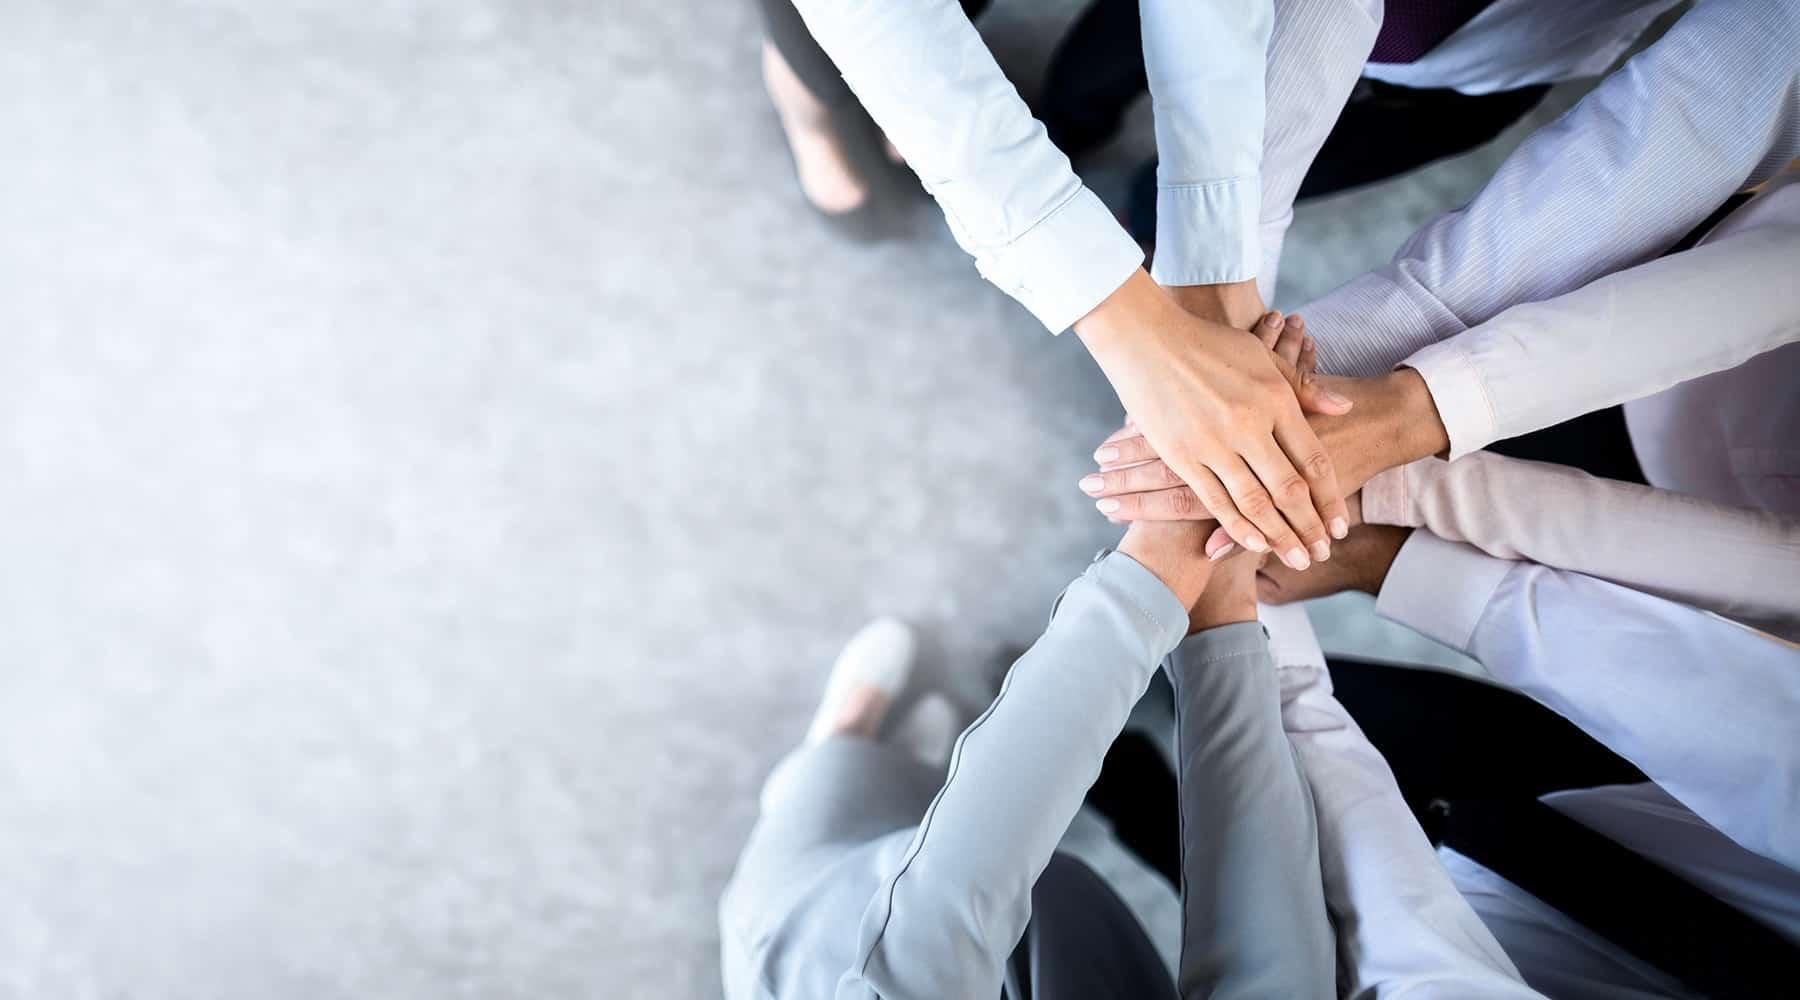 Webinar ImmobiliOvunque FormaOvunque il valore della partnership